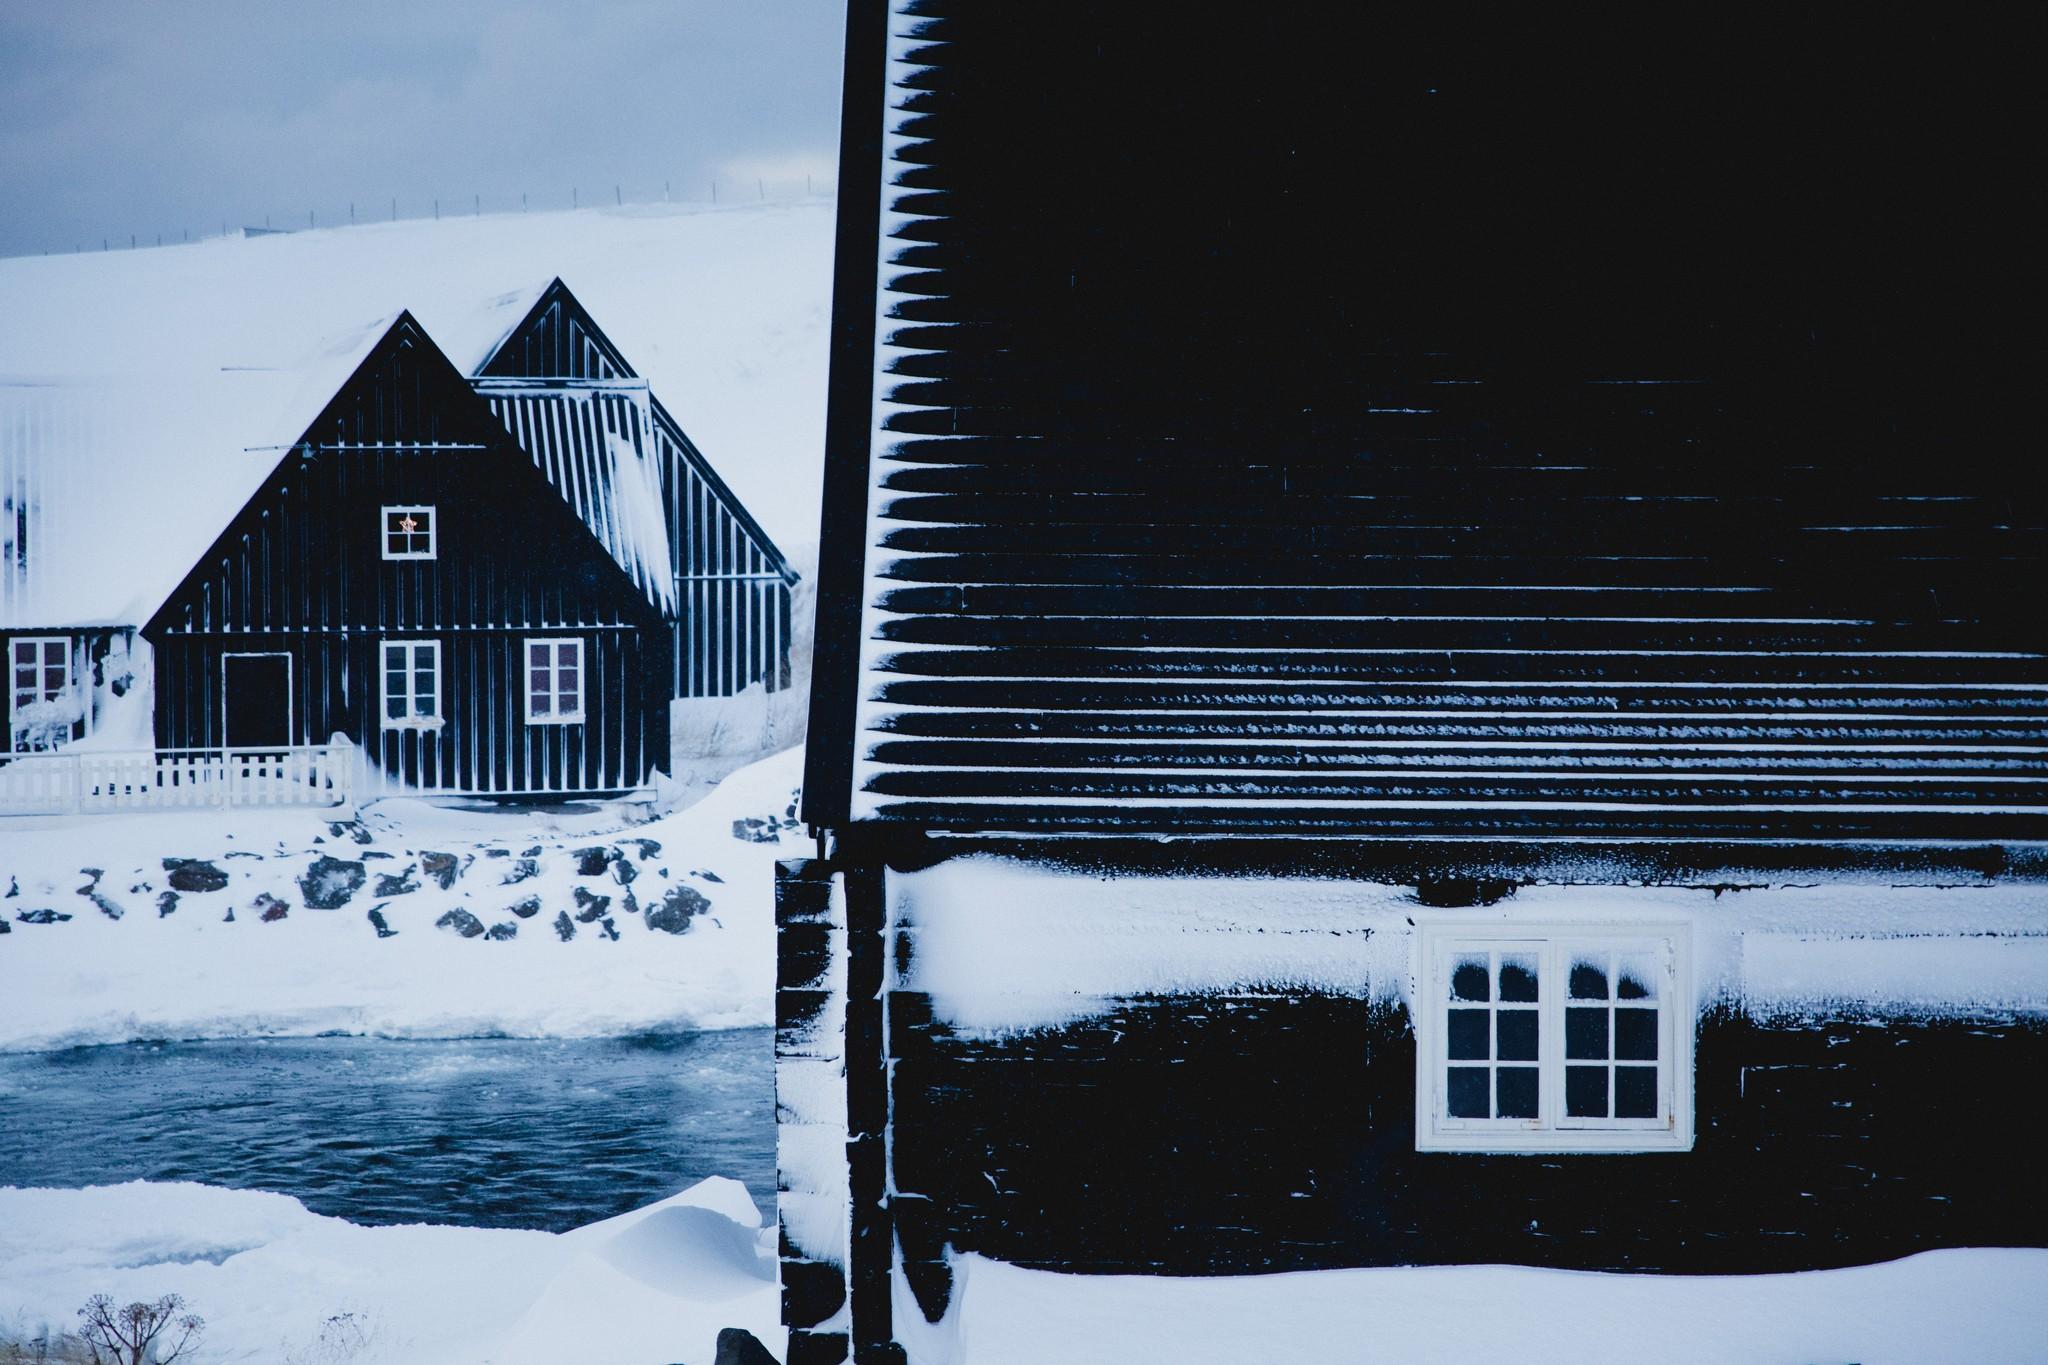 7 věcí, co může fotograf dělat, když nemůže vytáhnout paty z domu